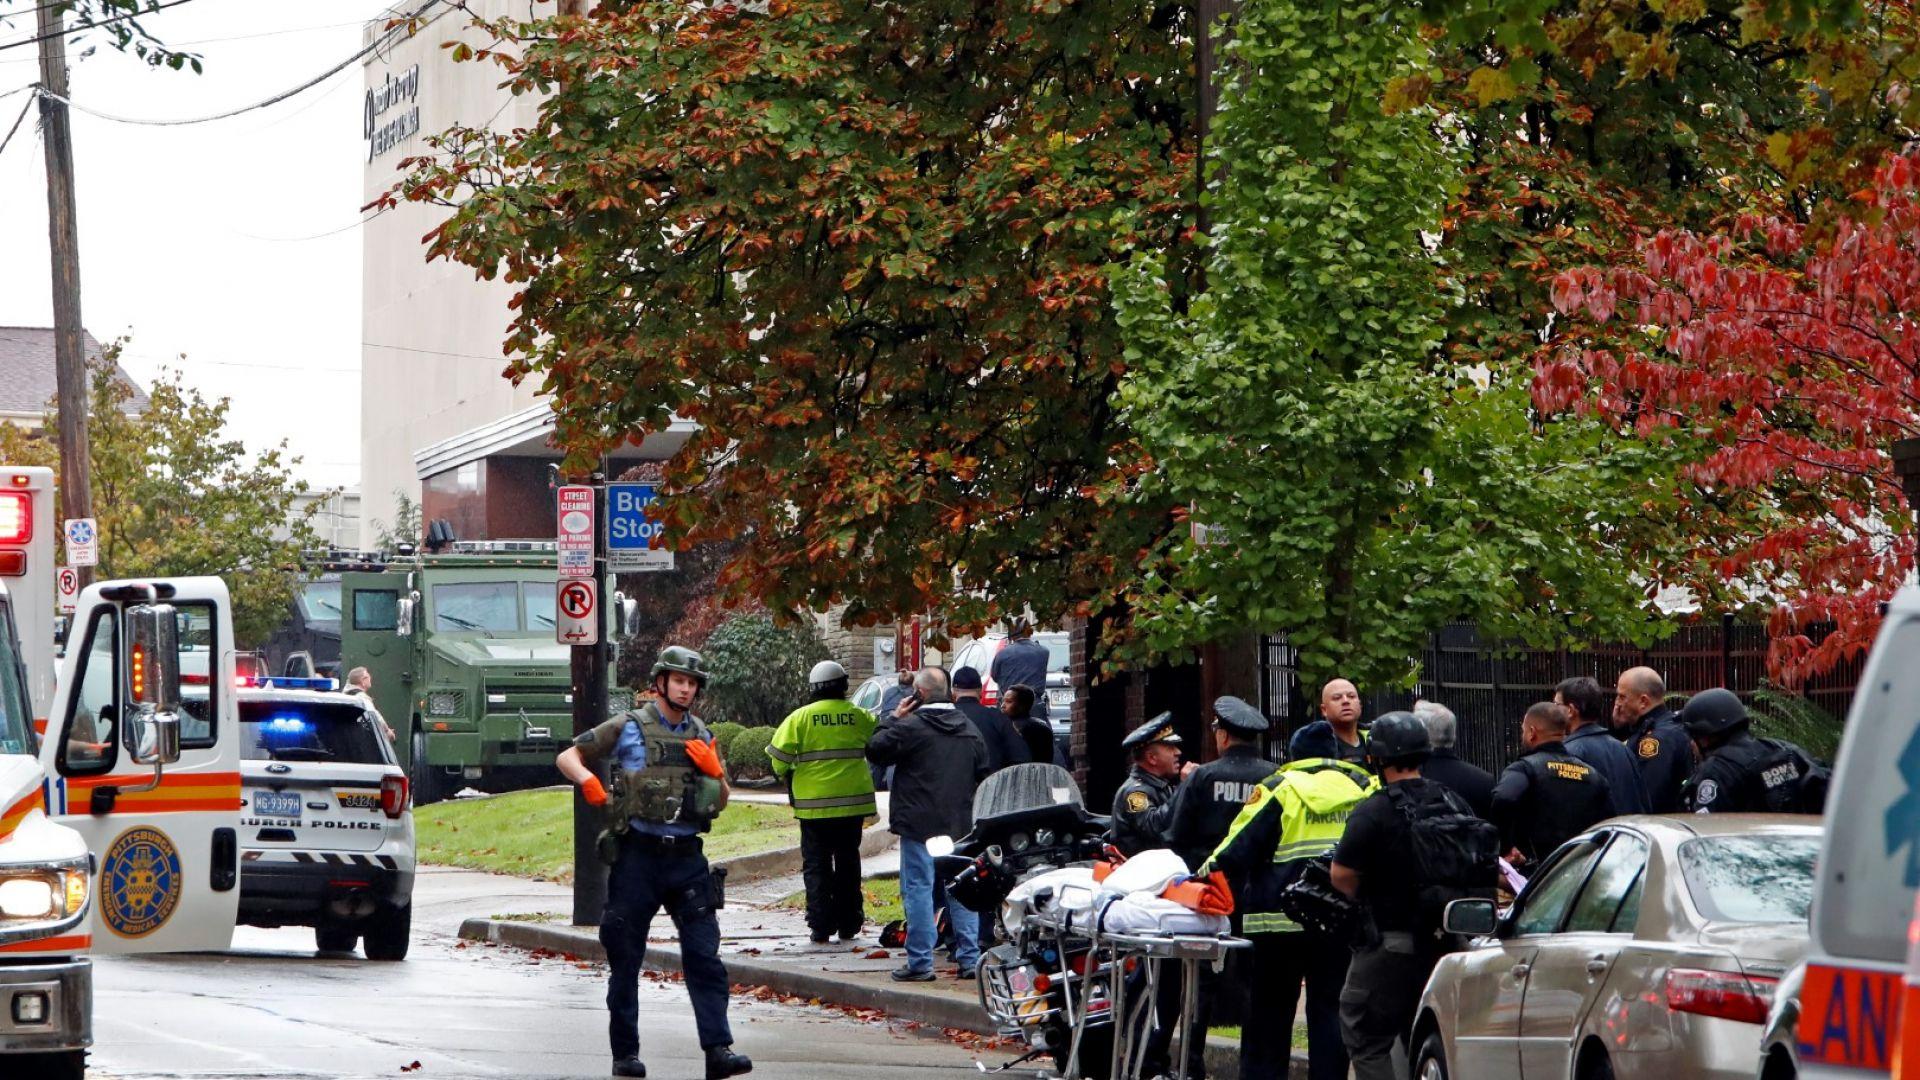 МВнР за трагедията в Питсбърг: Ксенофобията трябва да бъде изкоренена